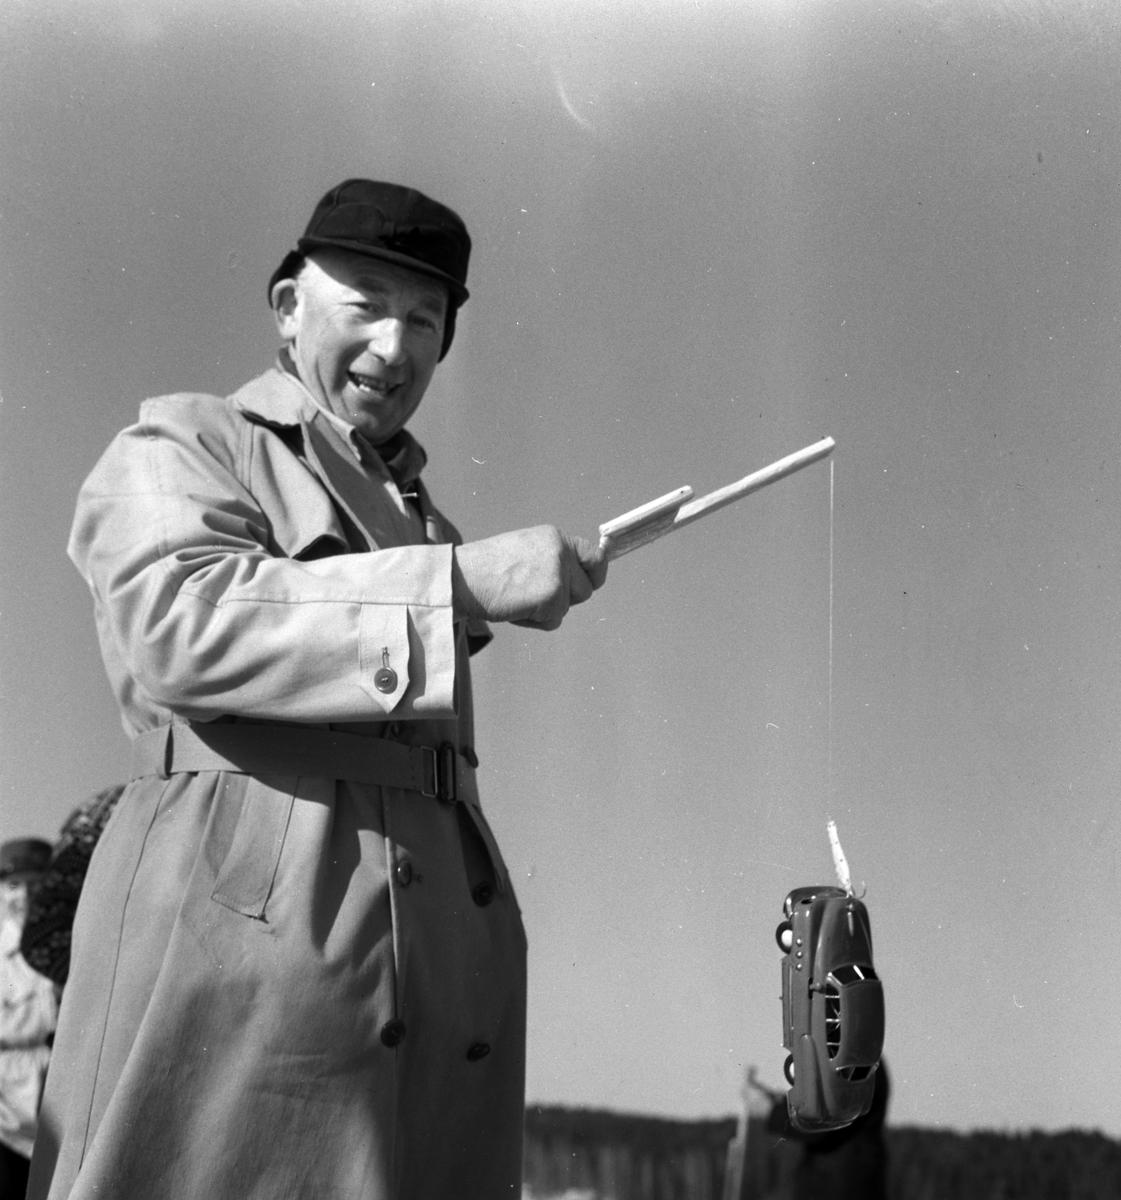 """Nils Bjørnerud, Furnes, vinner av fiskekonkurransen. """"Bilfiske"""" Han vant en Skoda 1958 modell. Pilkekonkurranse utenfor Strandsaga i Brumunddal 09. 03. 1958. Pilkekonkurranse utenfor Strandsaga i Brumunddal 09. 03. 1958. Fiskekonkurranse på Mjøsisen. Isfiske.  Premier i pilkekonkurransen var bla. en bil, Skoda 1958 modell, motorsykkel, kjøleskap, reiseradio. Se. Na-00293-31 og Na-00293-32 for flere opplysninger."""